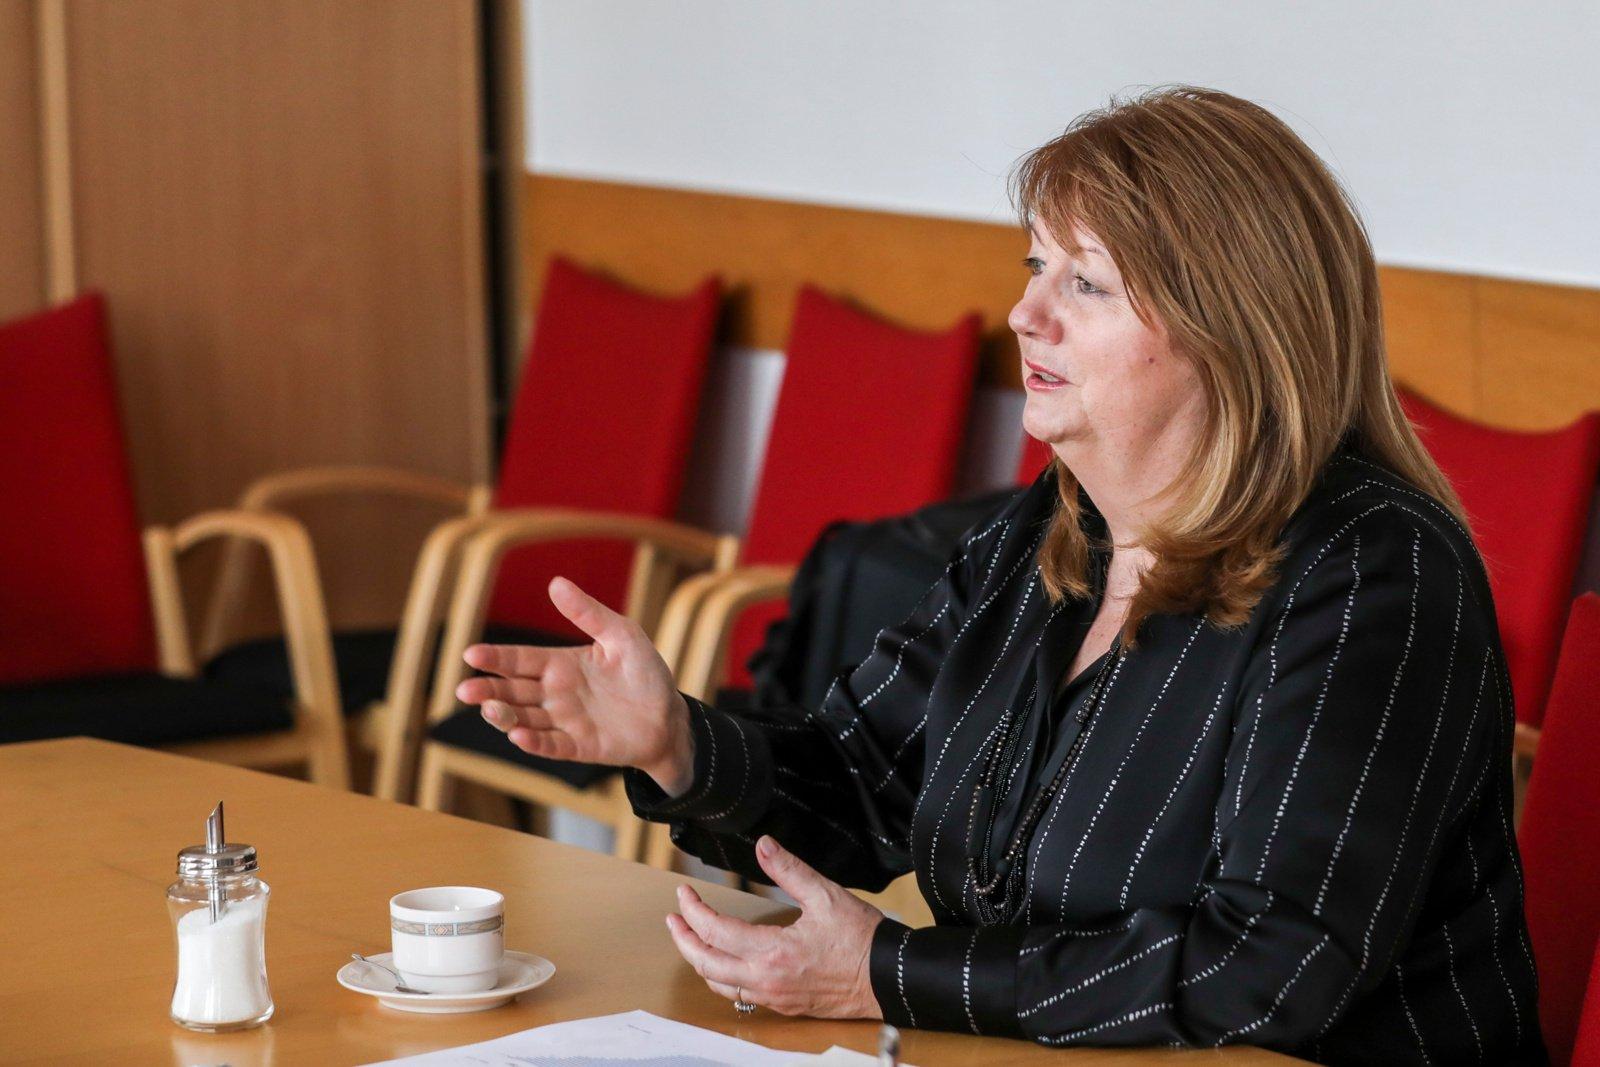 Socialdemokratai įteikė kreipimąsi Vyriausybei: V. Blinkevičiūtė įspėja apie trečiąją krizę